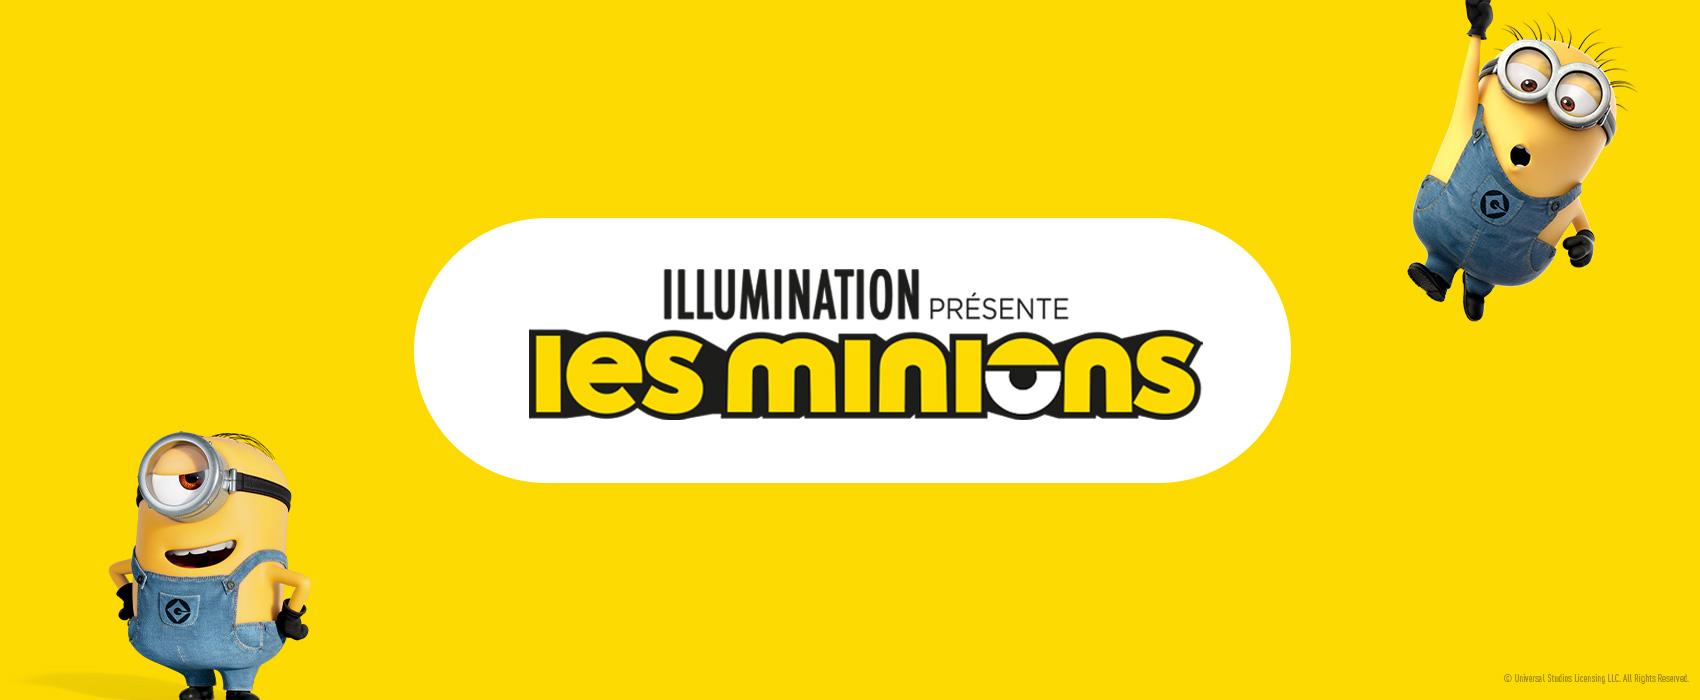 CG2021_Marques_1700x700_Minions2